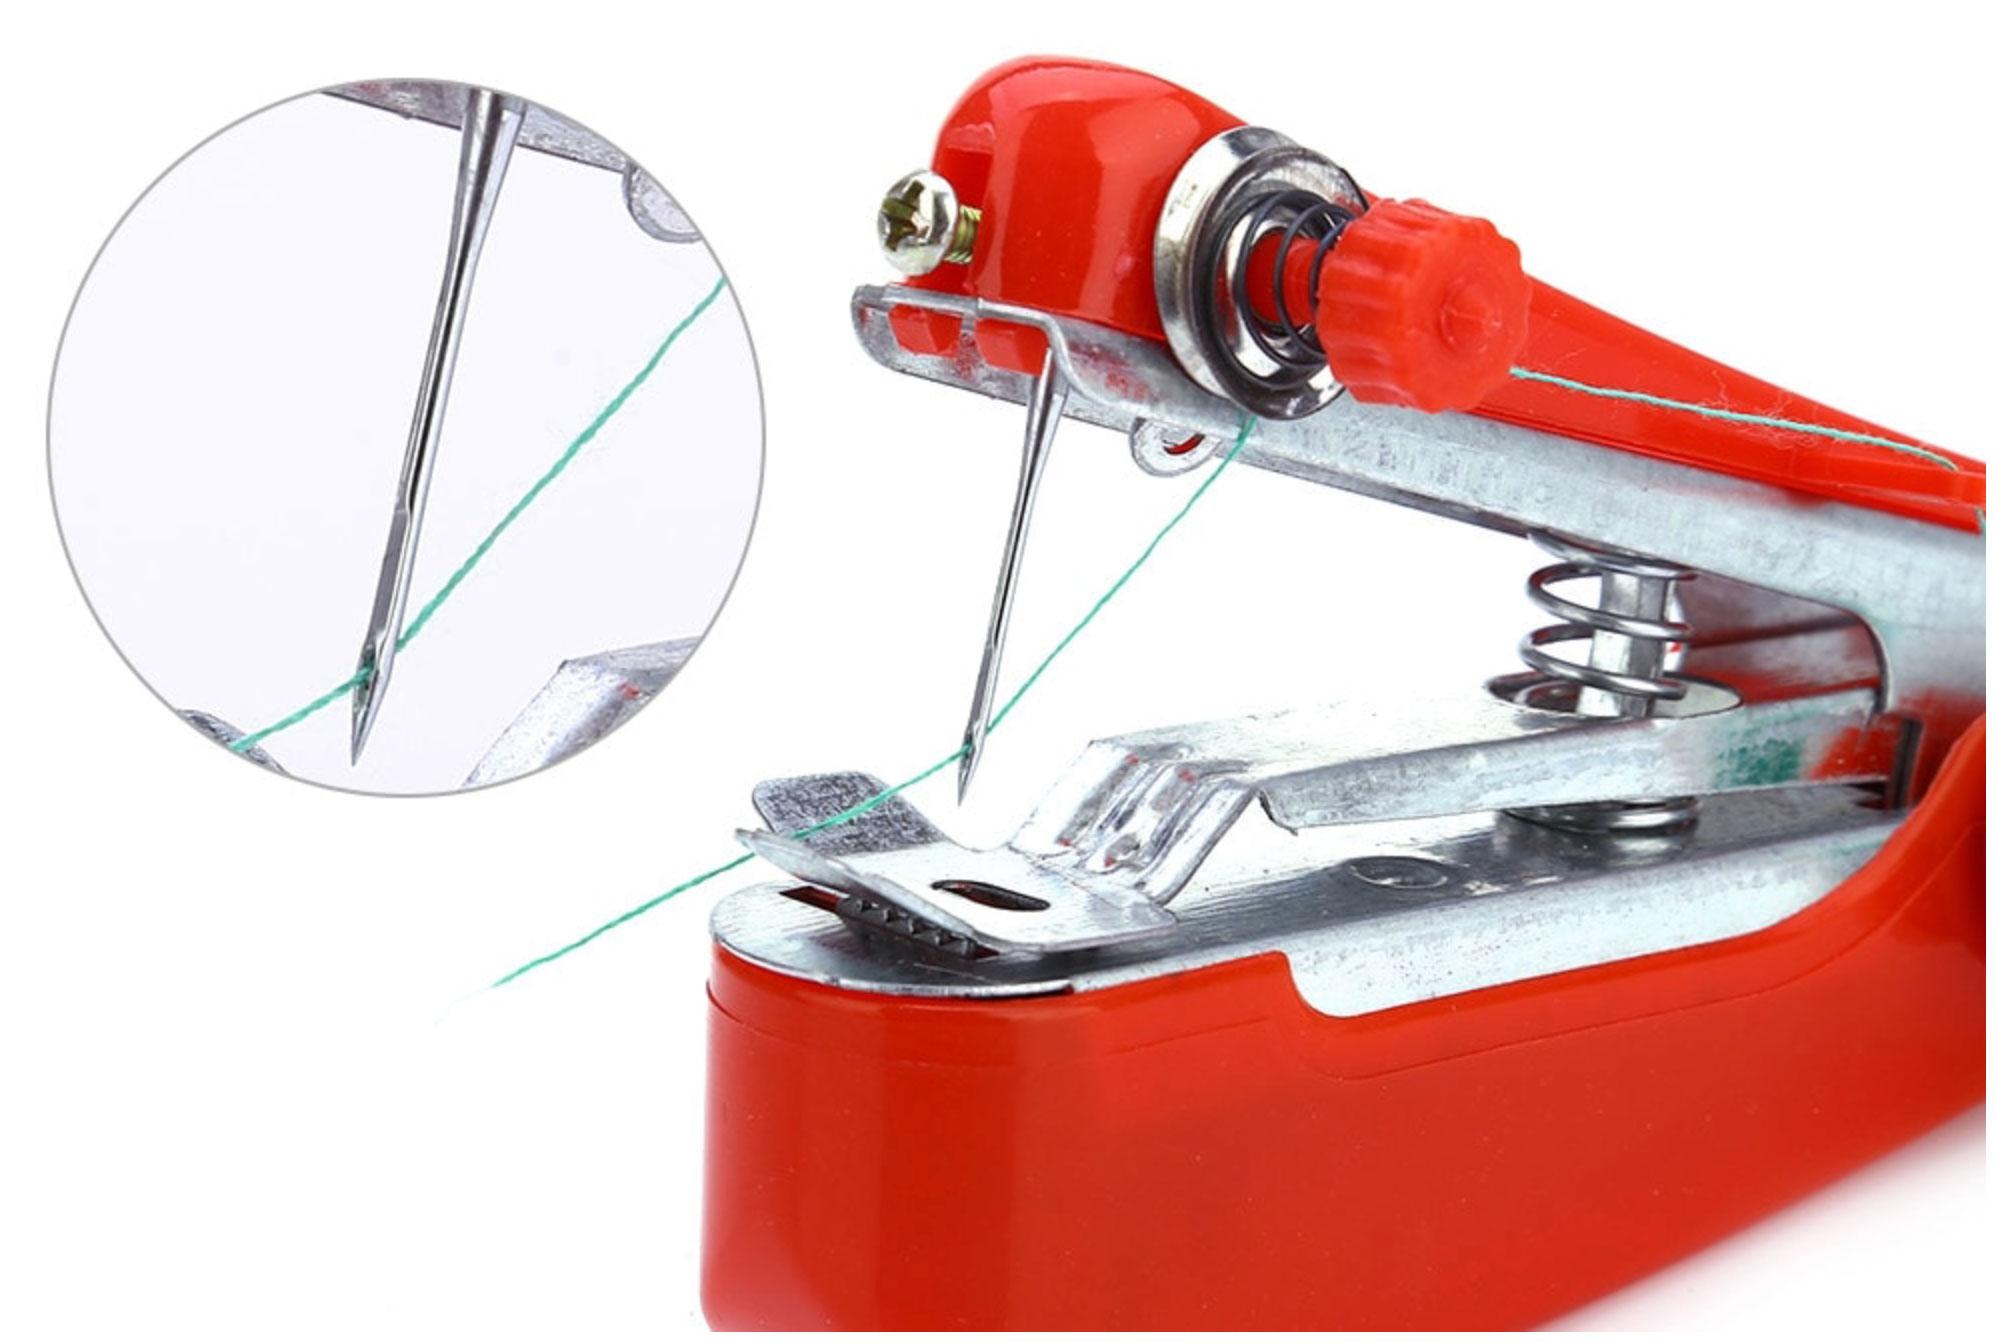 Oferta Flash!! Mini máquina de coser manual portátil por 3